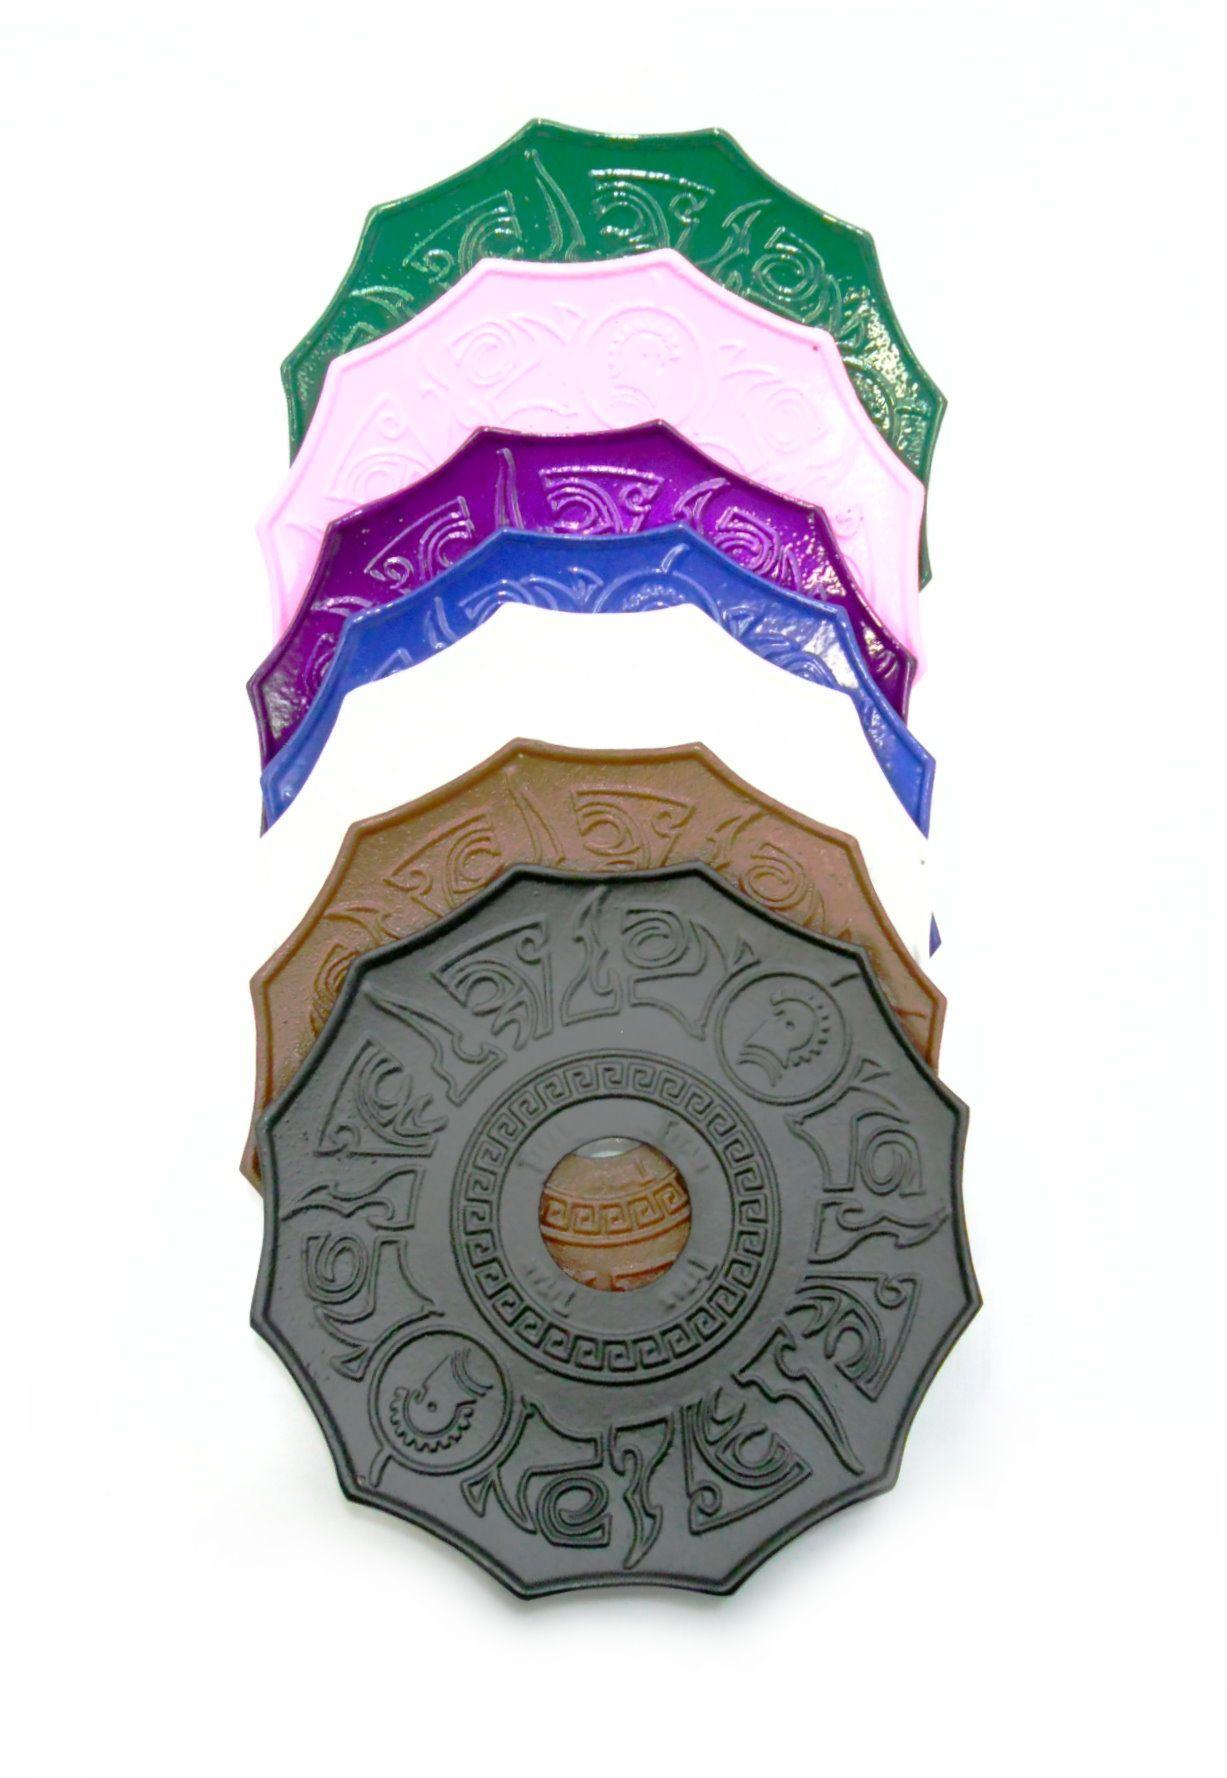 Prato para narguile modelo Titan, 21cm, inoxidável. Em metal pintado. Verde escuro